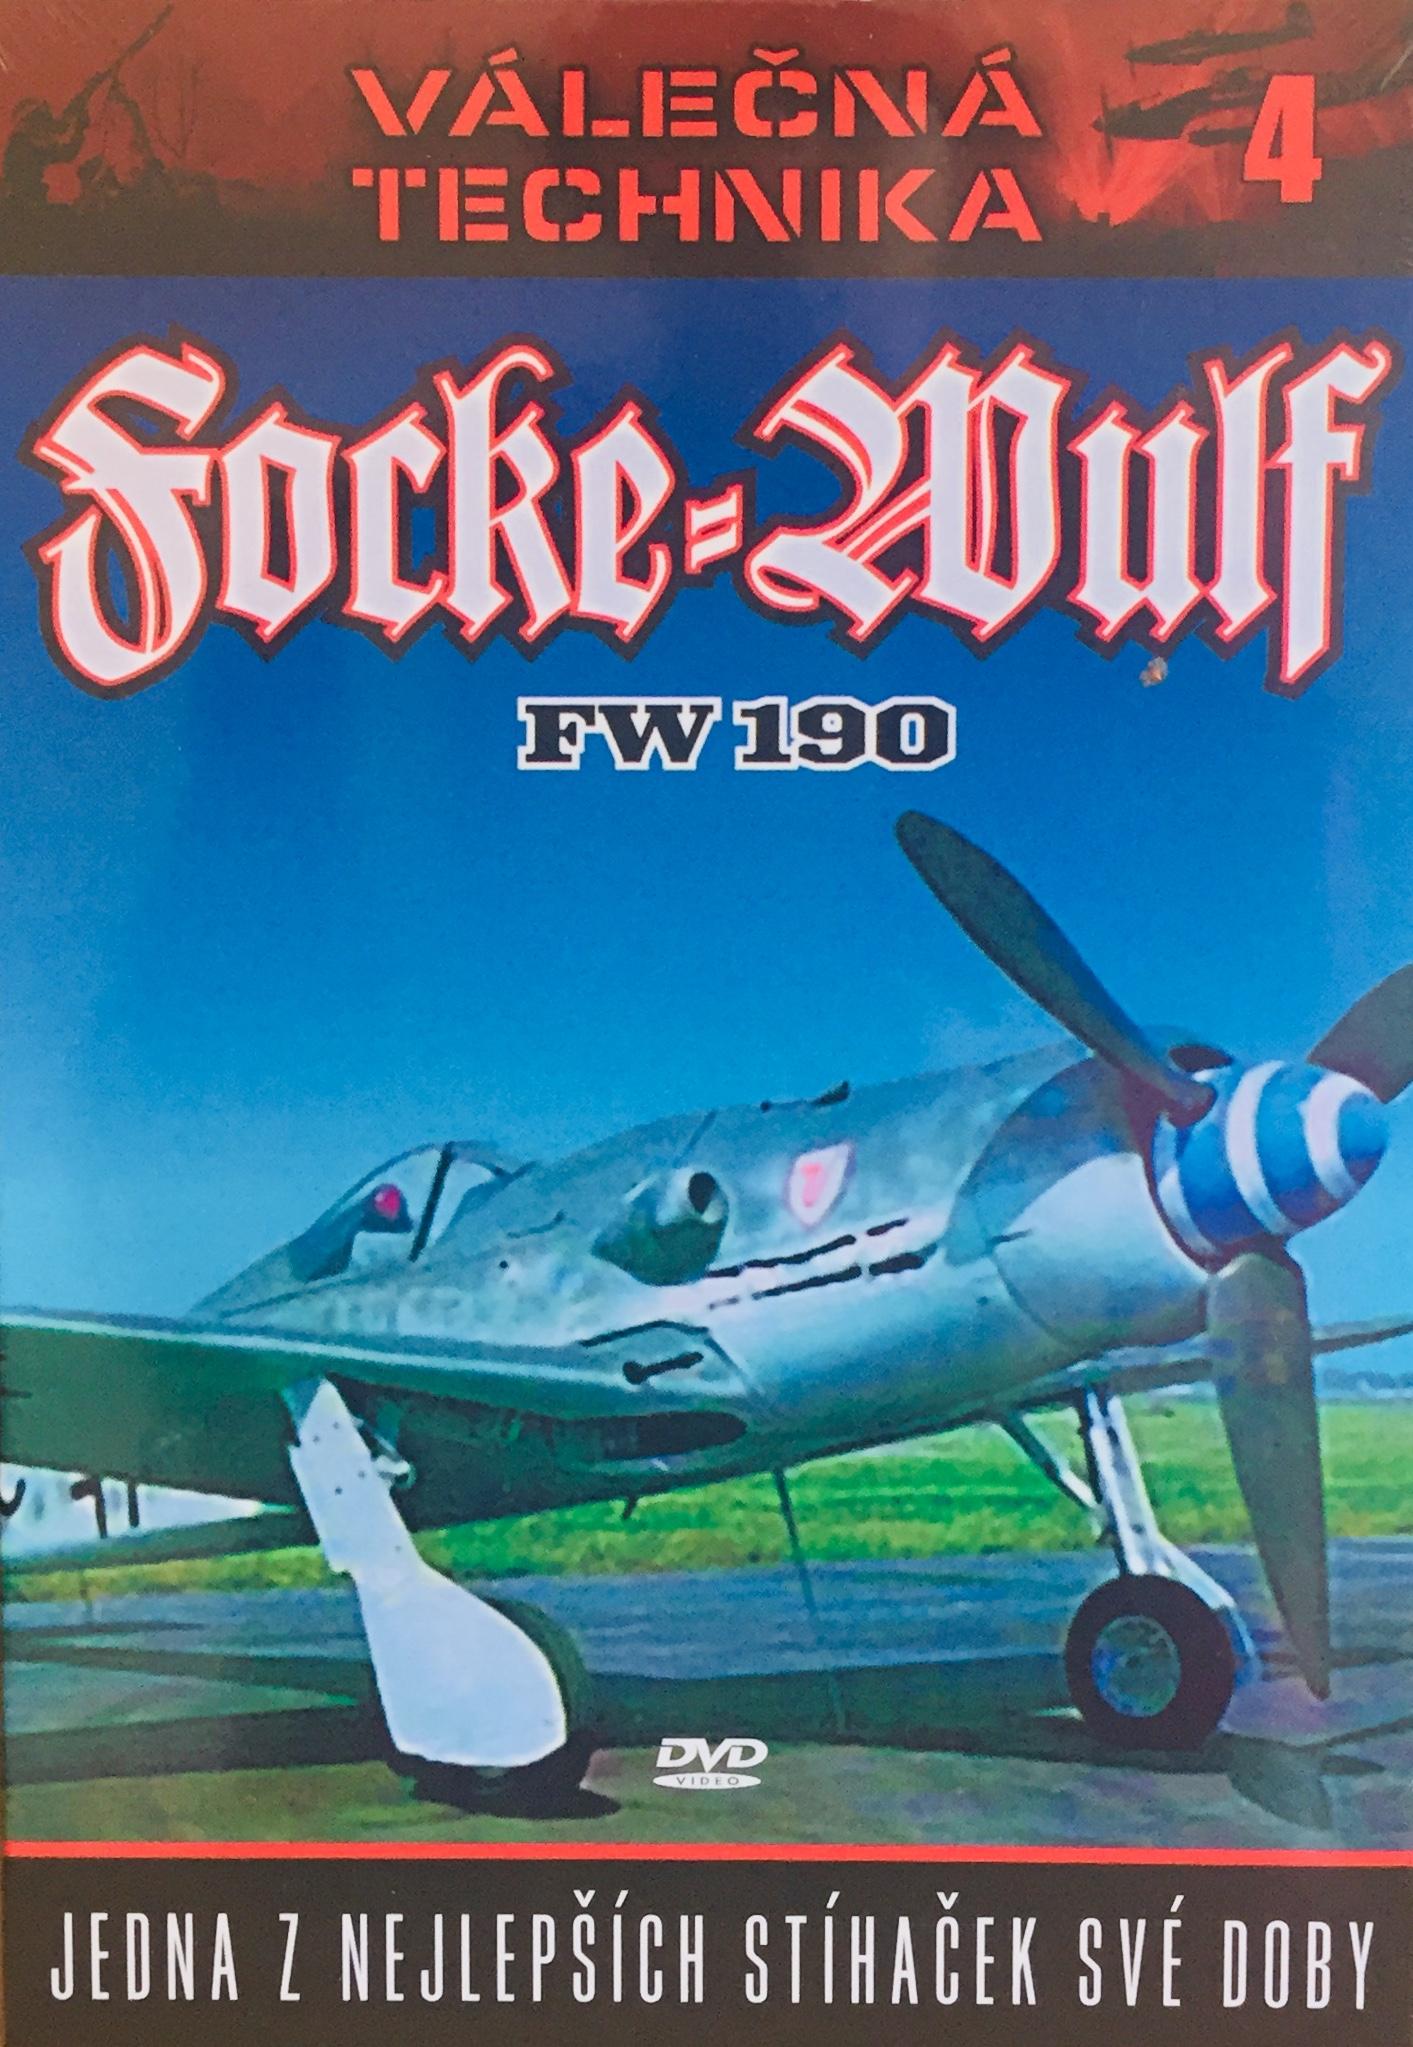 Válečná technika 4 - Focke-Wulf FW 190 - DVD /digipack/